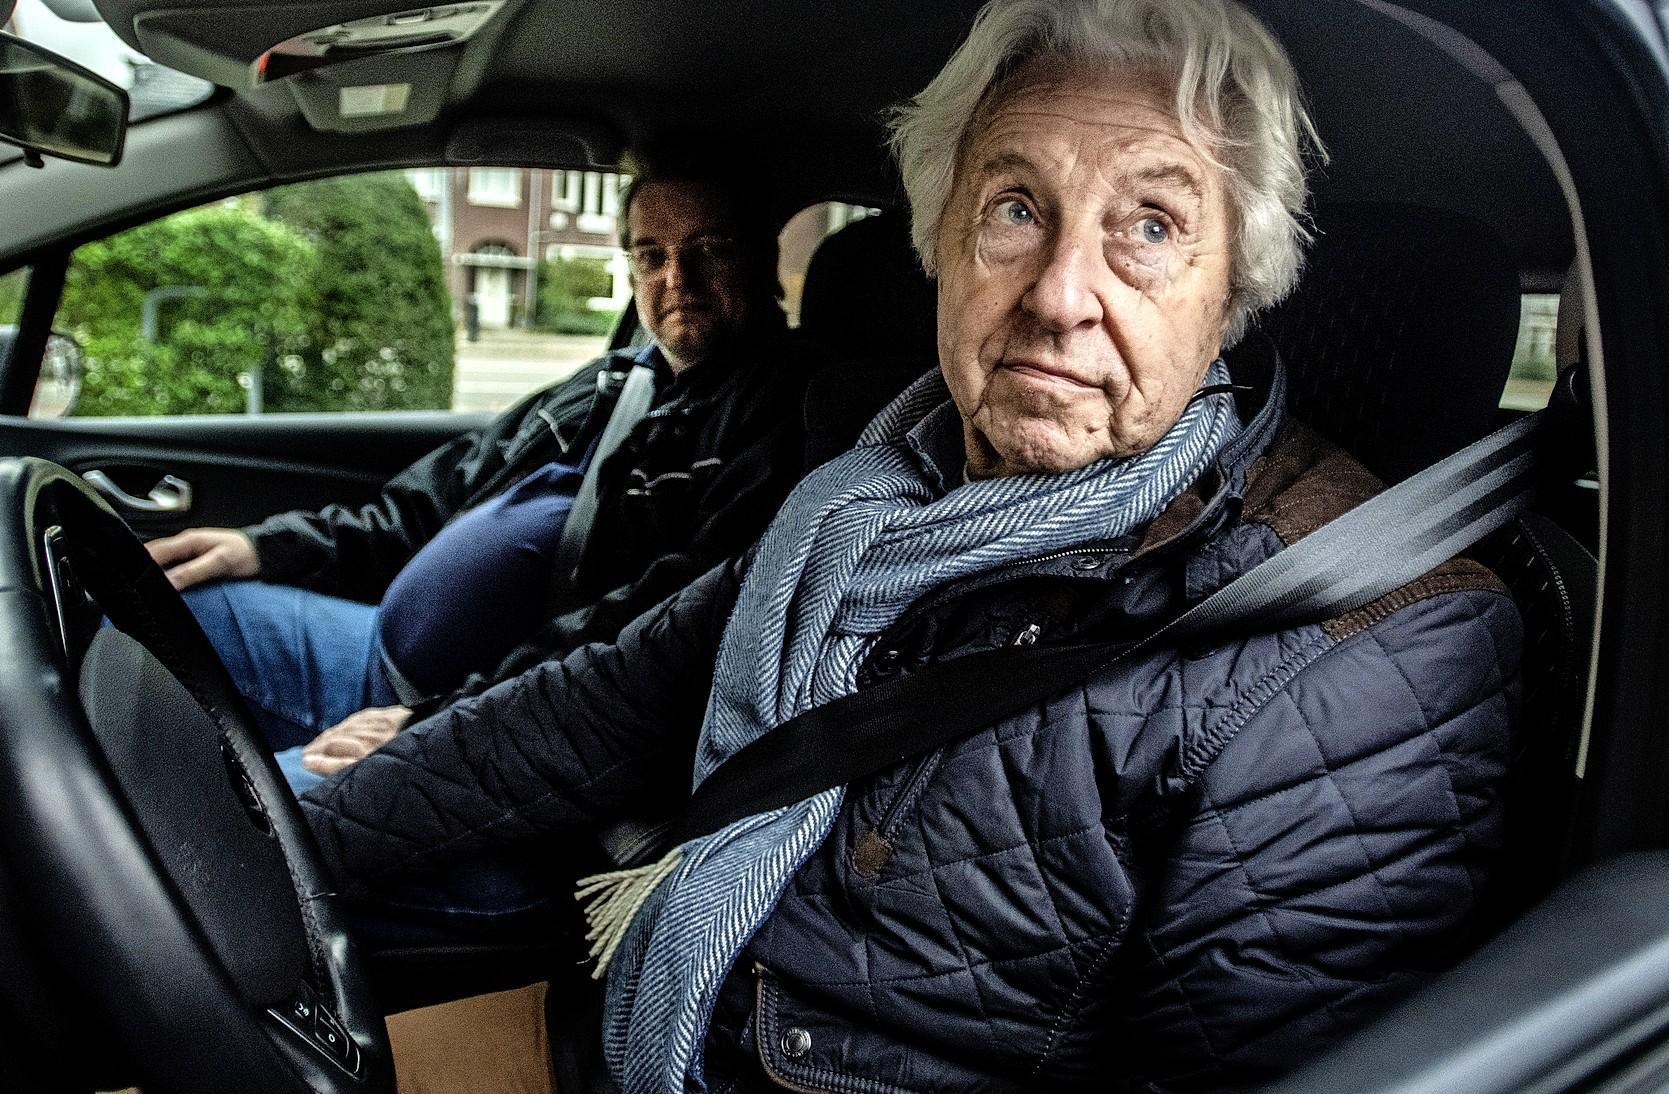 Opfriscursus voor oudere bestuurder zo gek nog niet